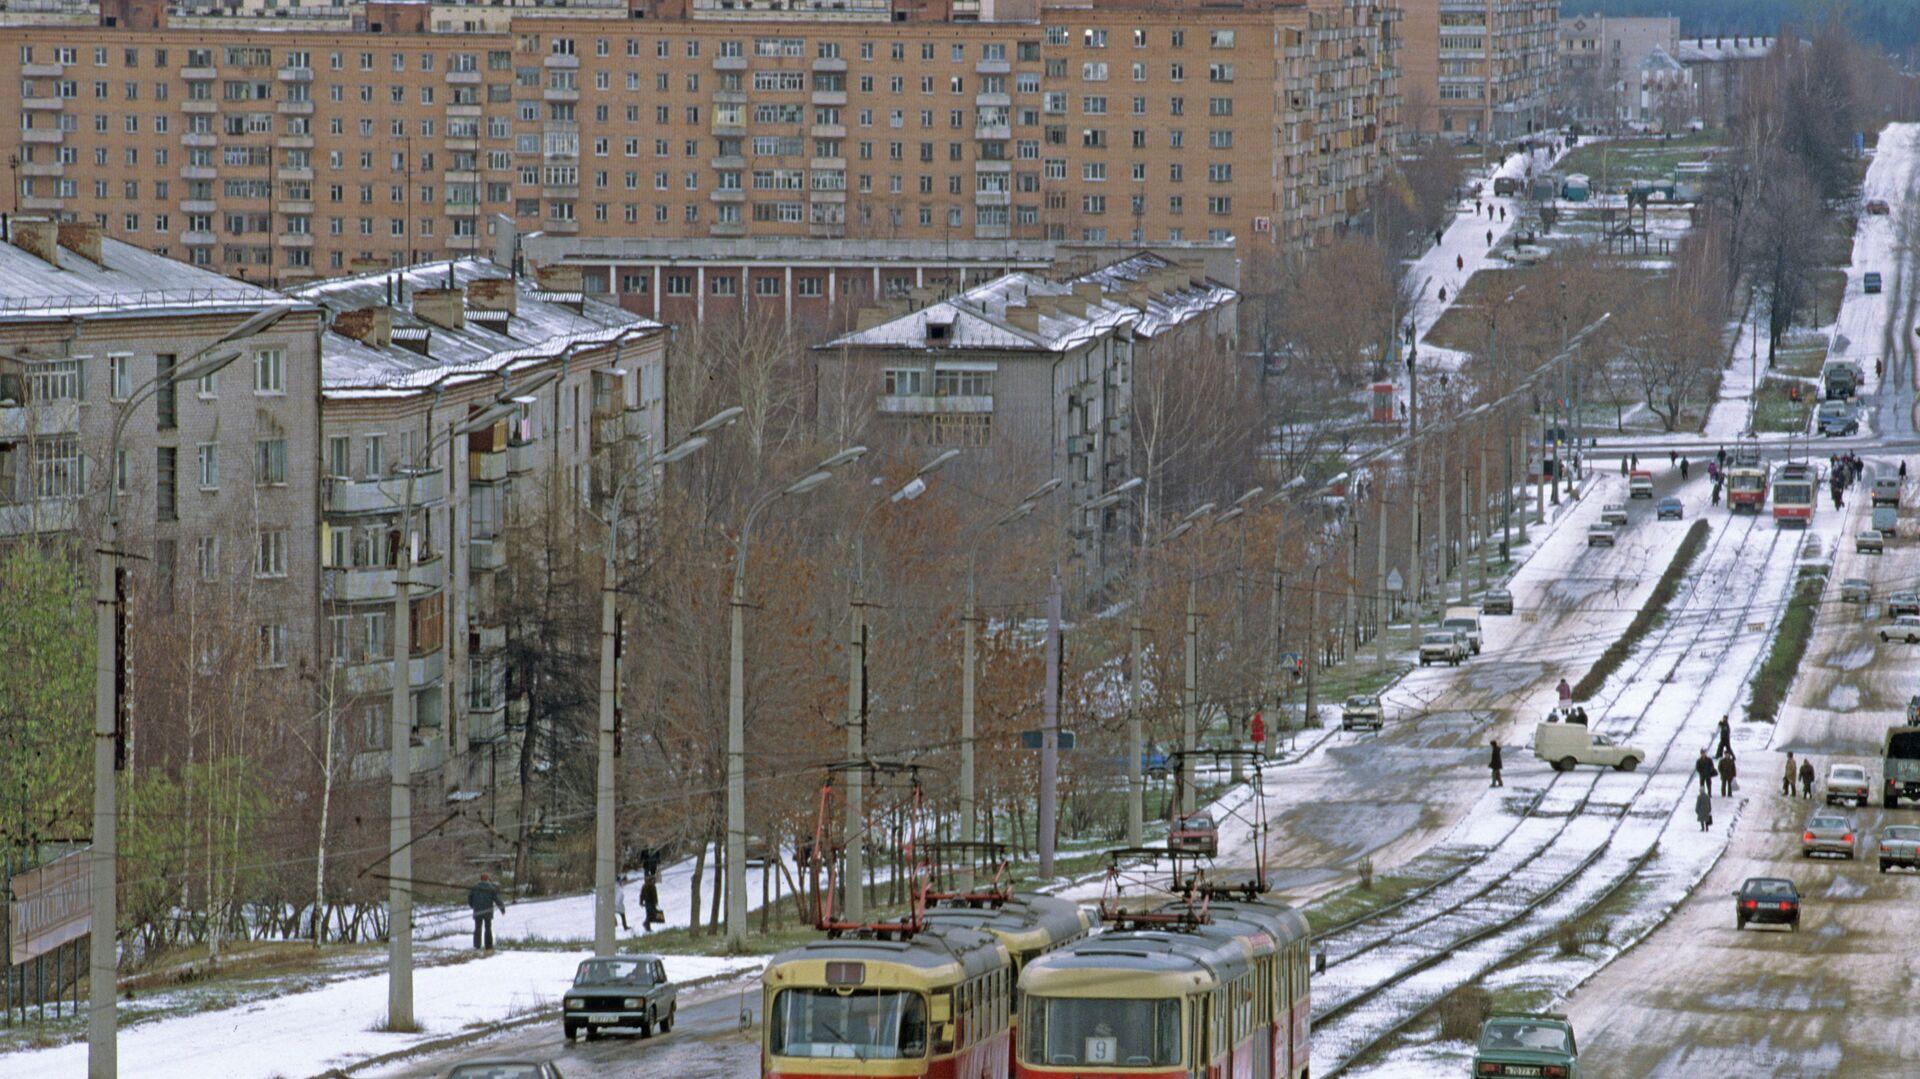 Город Ижевск - РИА Новости, 1920, 13.01.2021